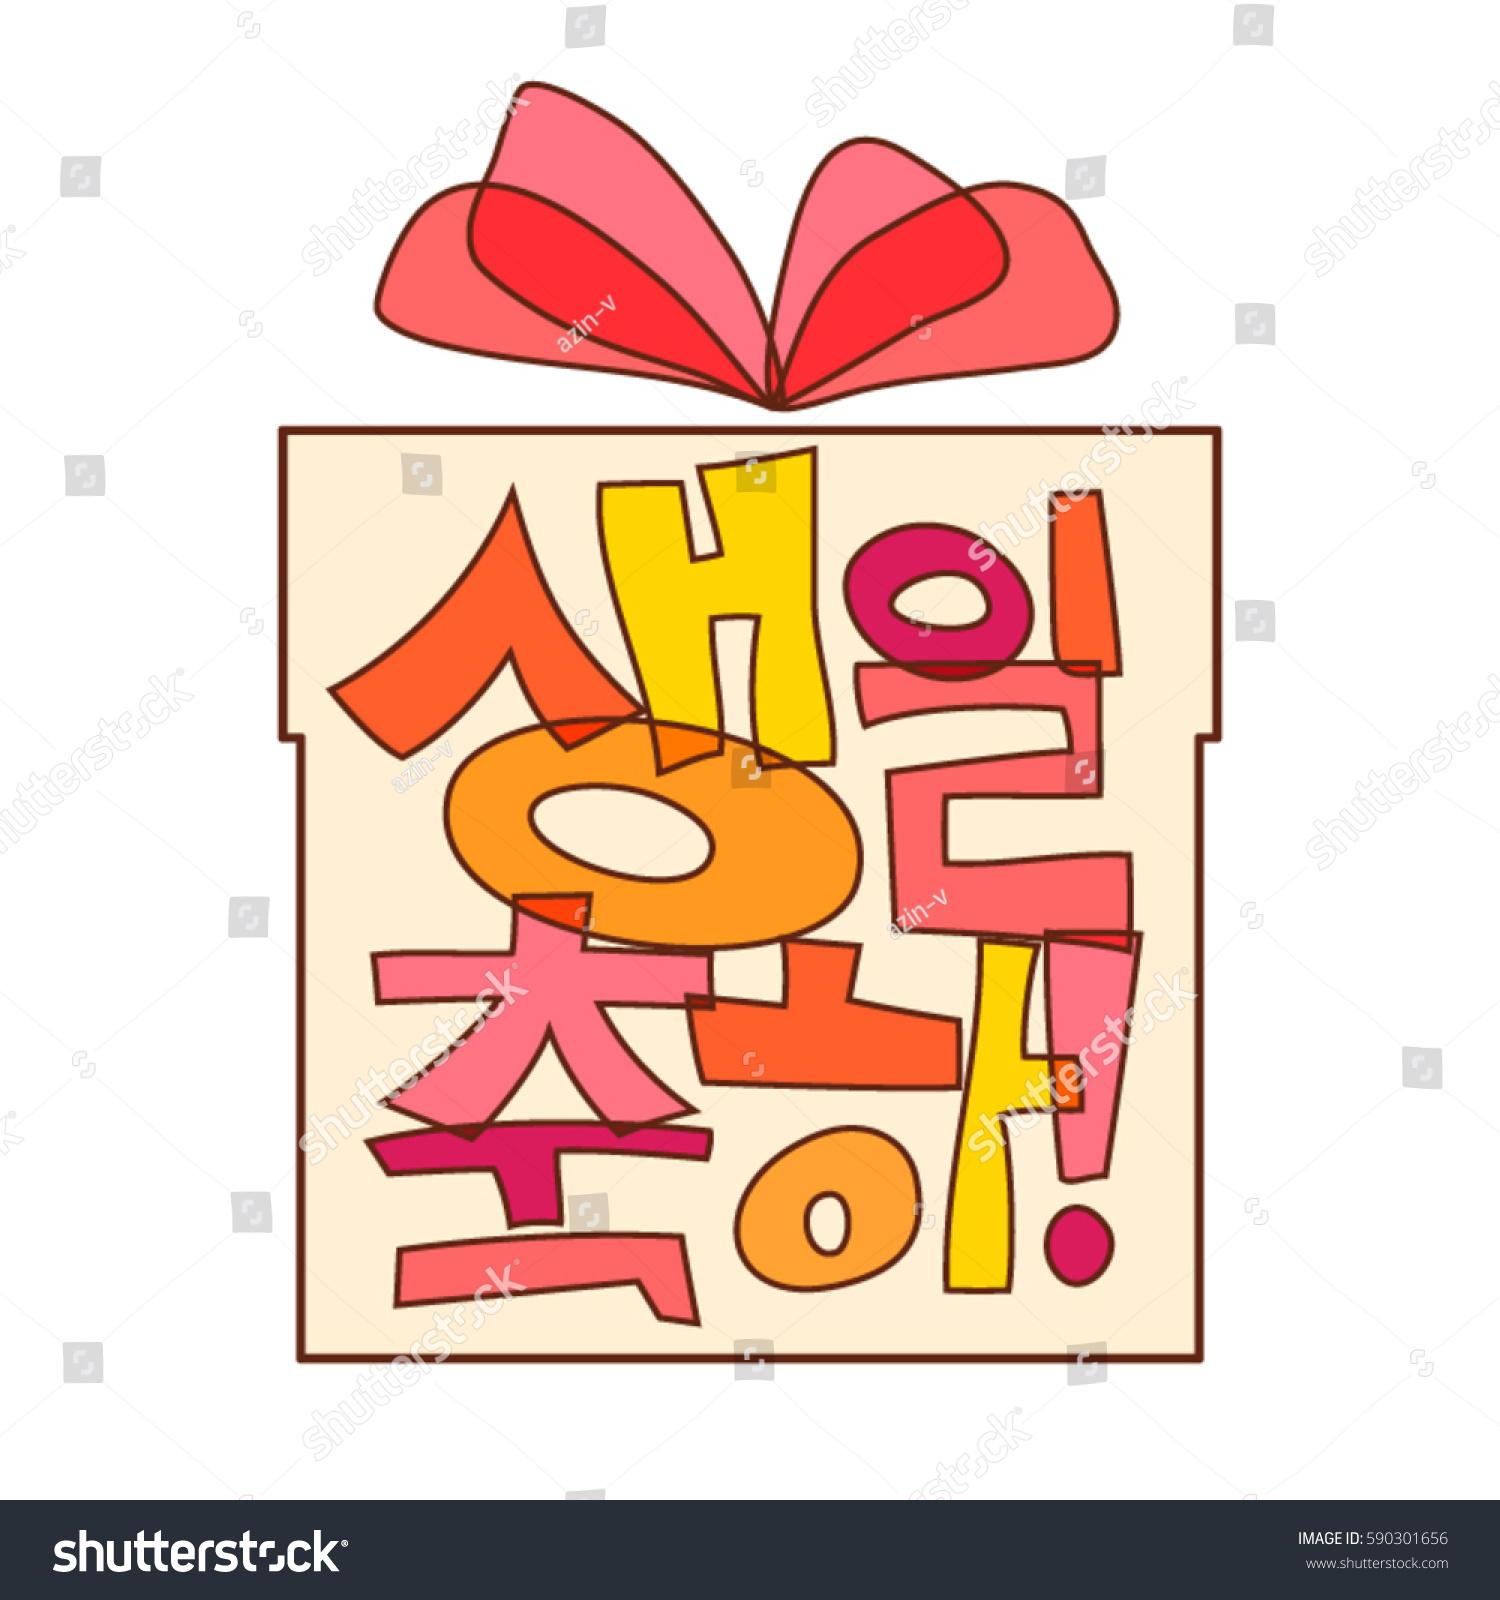 Suchen Sie Nach Art Lettering Happy Birthday Korean Language Stockbildern In Hd Und Millionen Weiteren Lizenzfreien Stockfotos Illustrationen Und Vektorgrafiken In Der Shutterstock Kollektion Jeden Tag Werden Tausende Neue Hochwertige Bilder